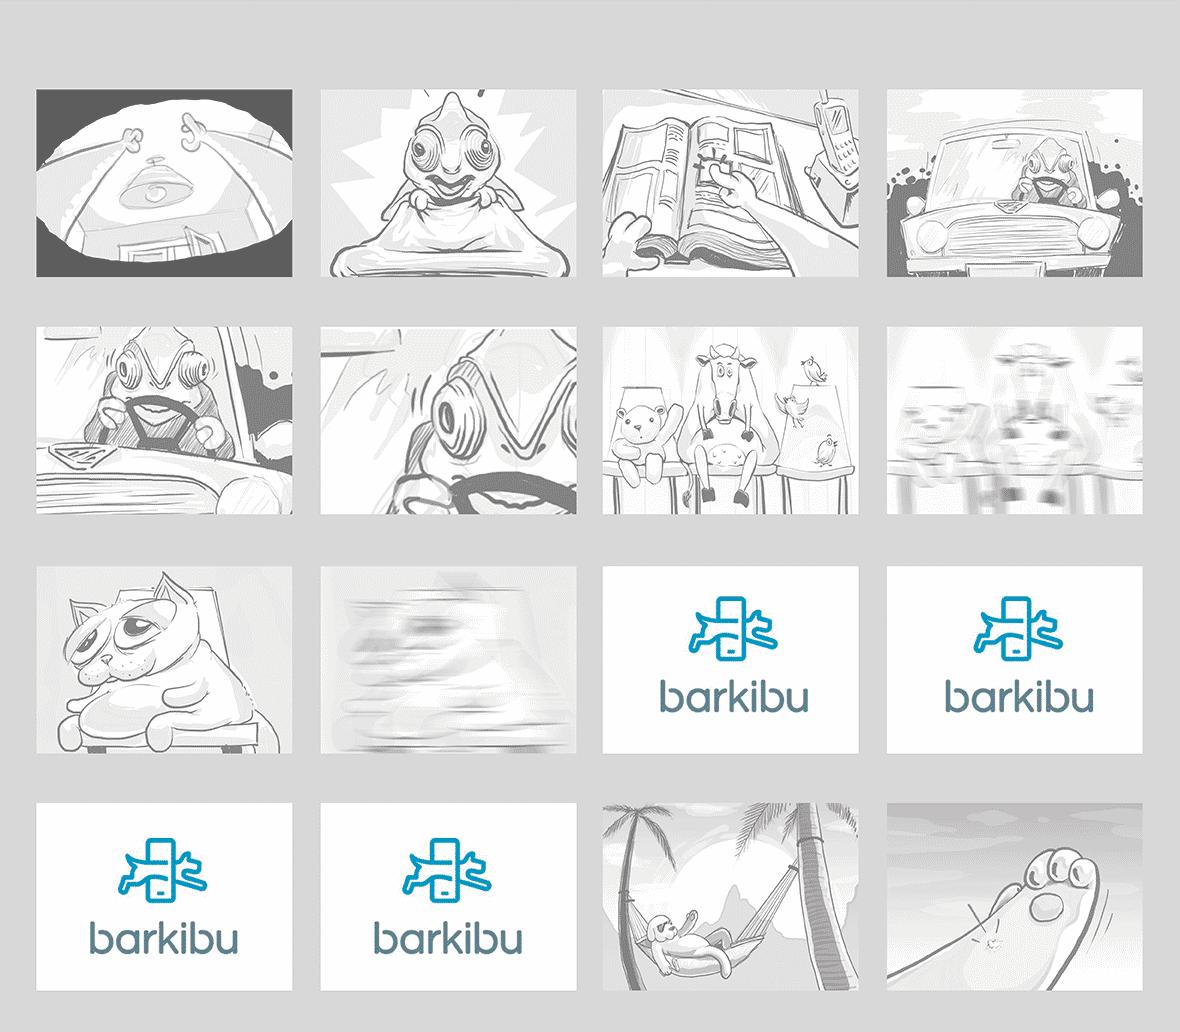 Storyboard del vídeo de animación Barkibu